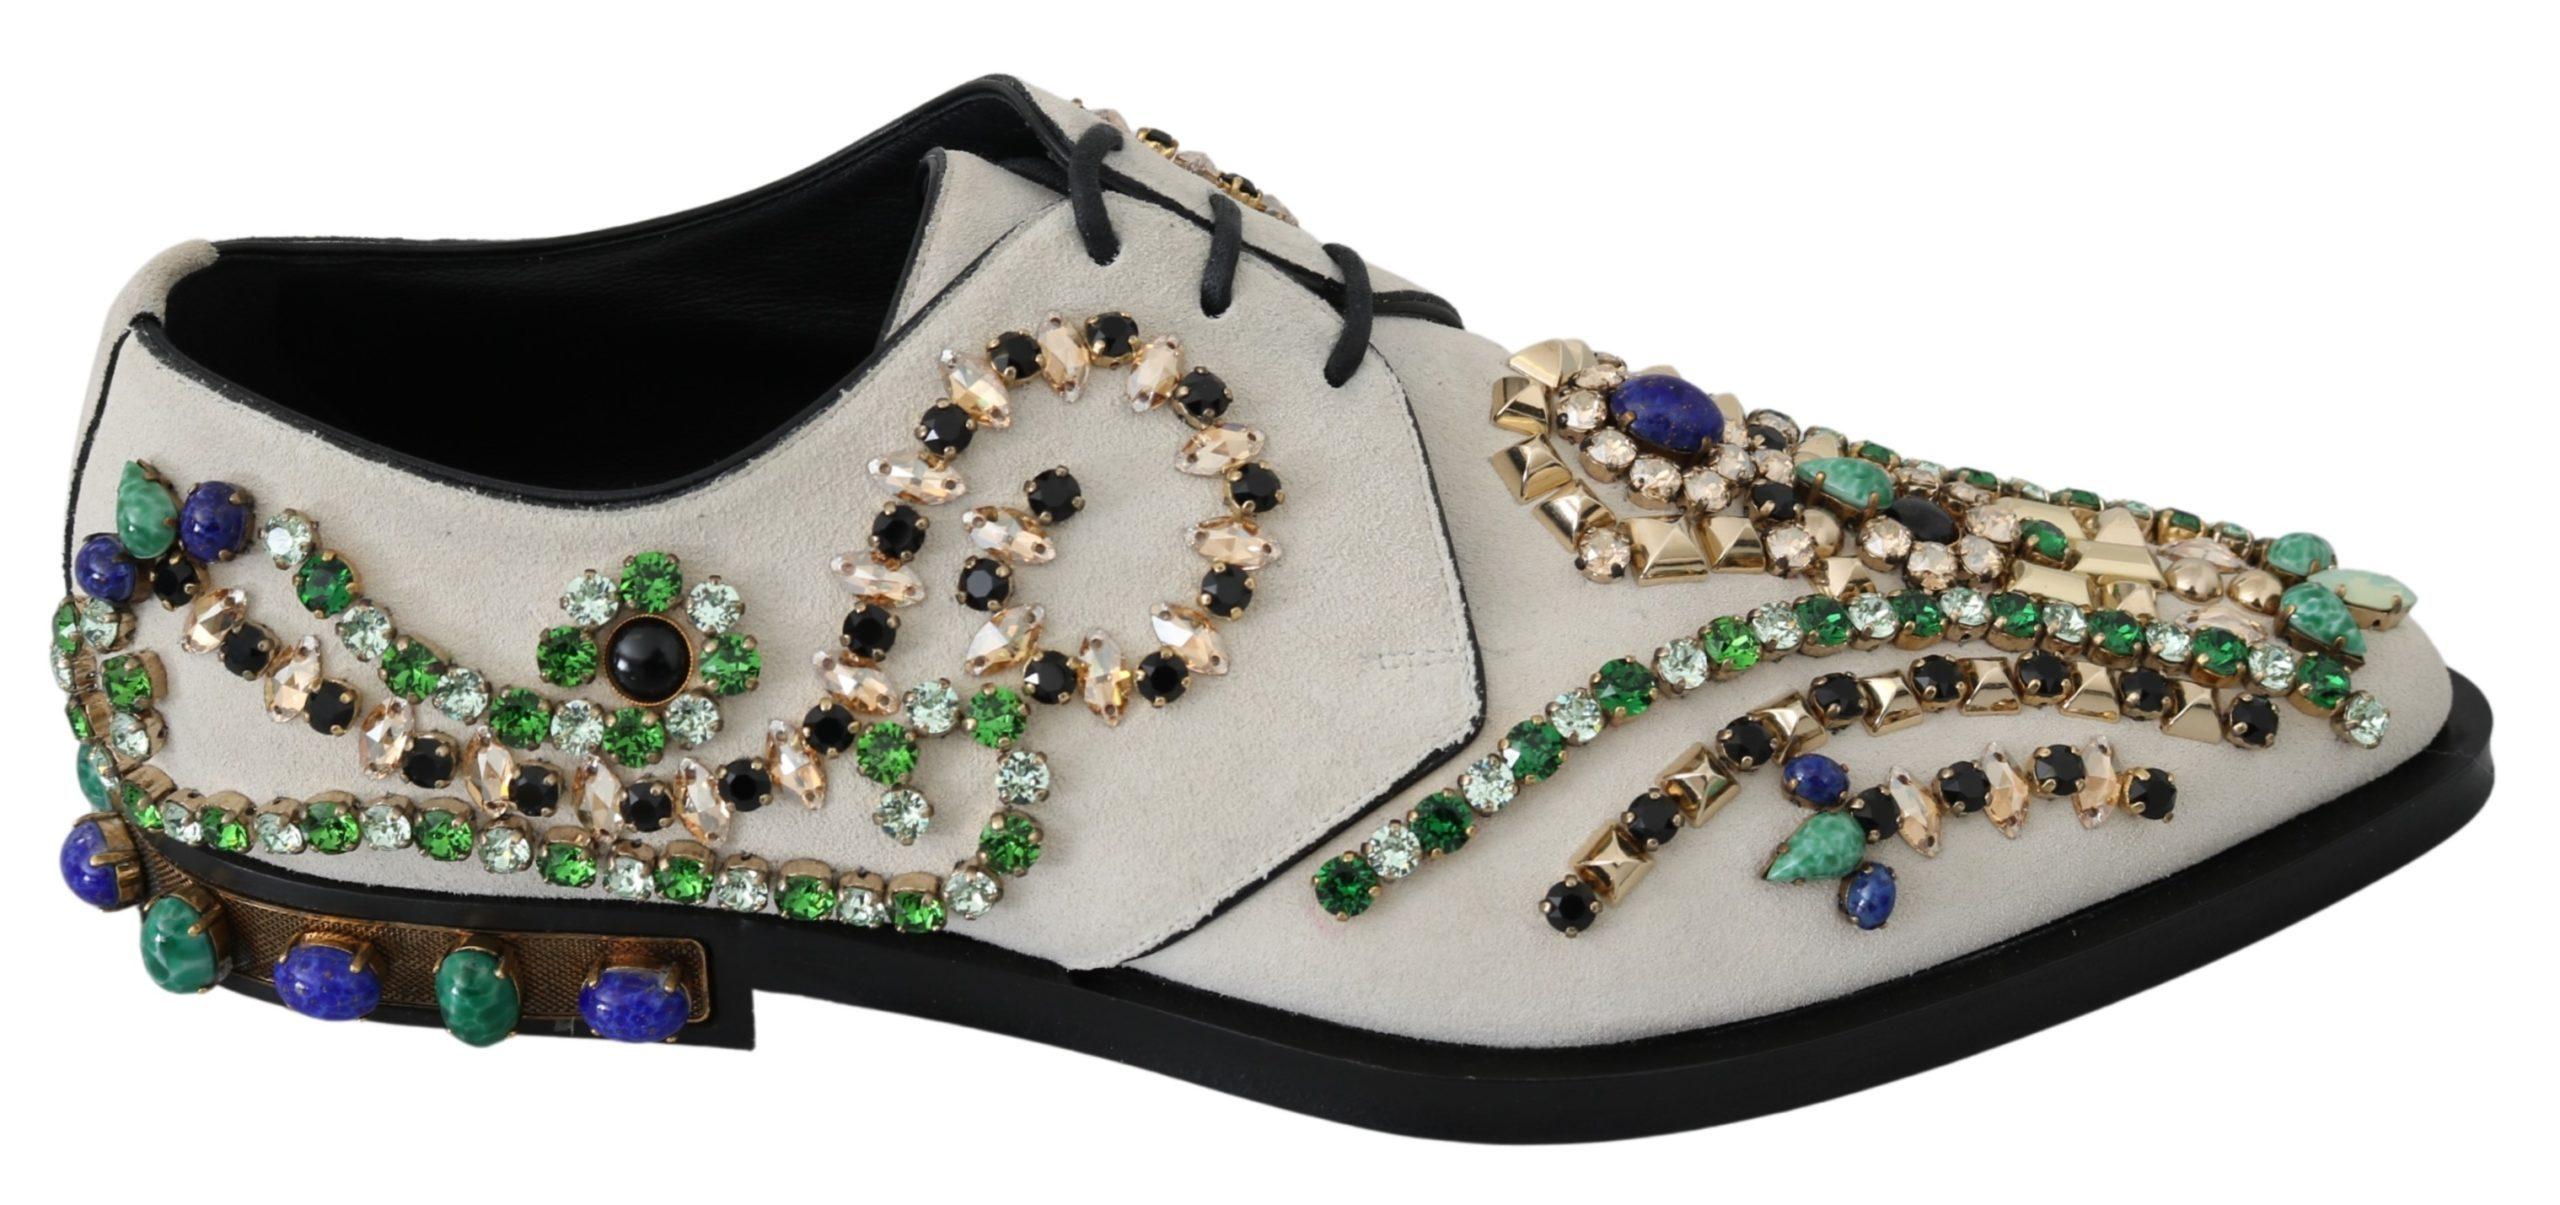 White Suede Crystal Dress Broque Shoes - EU41/US10.5